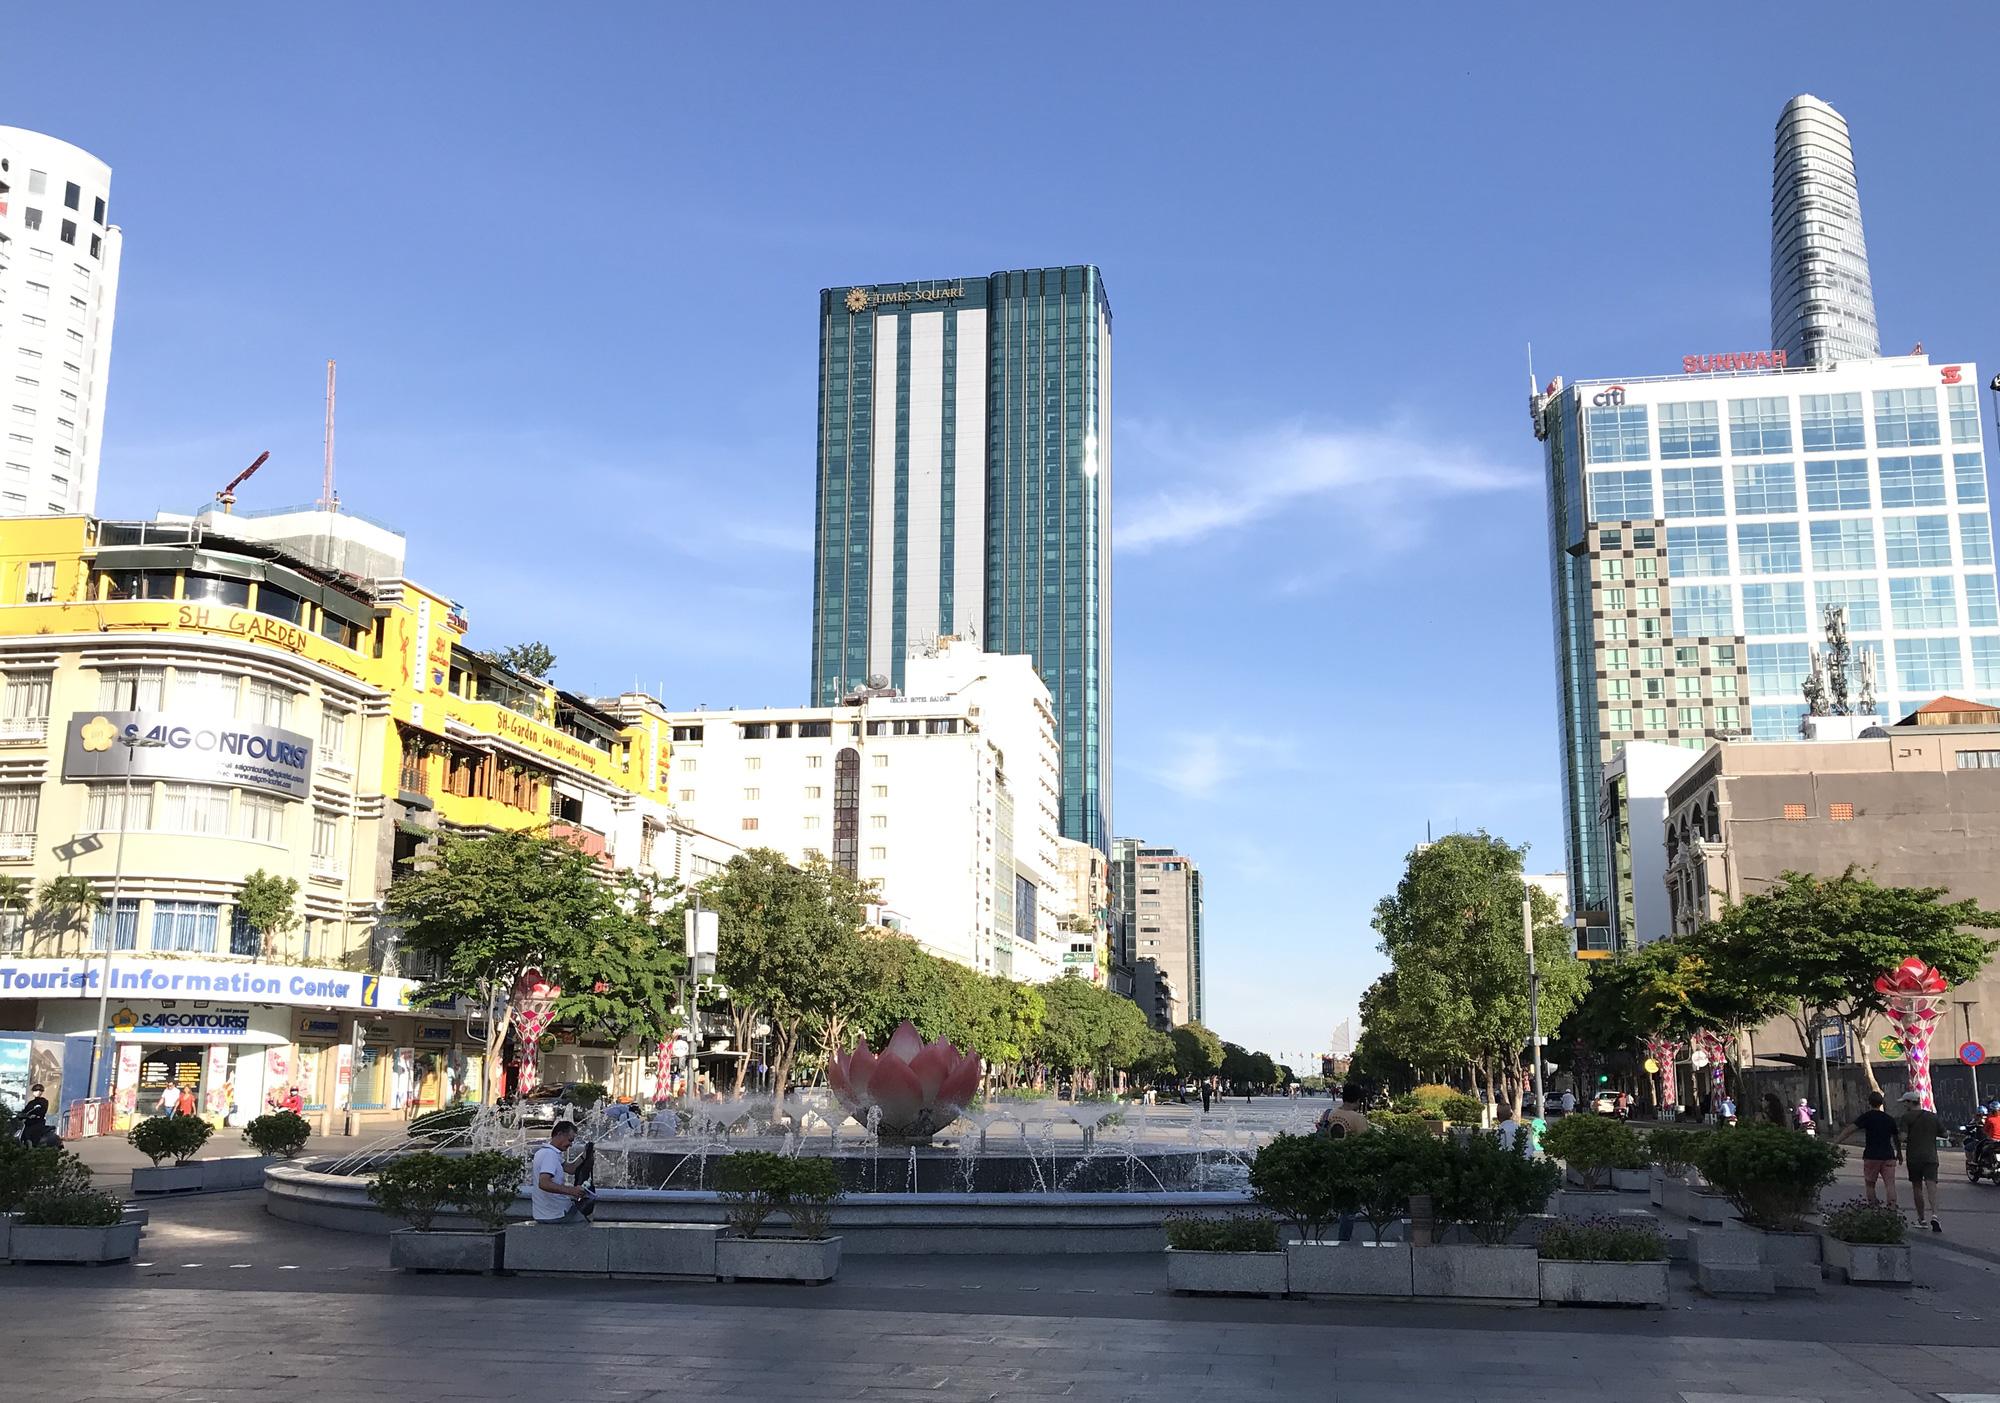 Liên tiếp xuất hiện ca nhiễm Covid-19, đường Sài Gòn vắng tanh, Vincom Đồng Khởi không một bóng người - Ảnh 11.